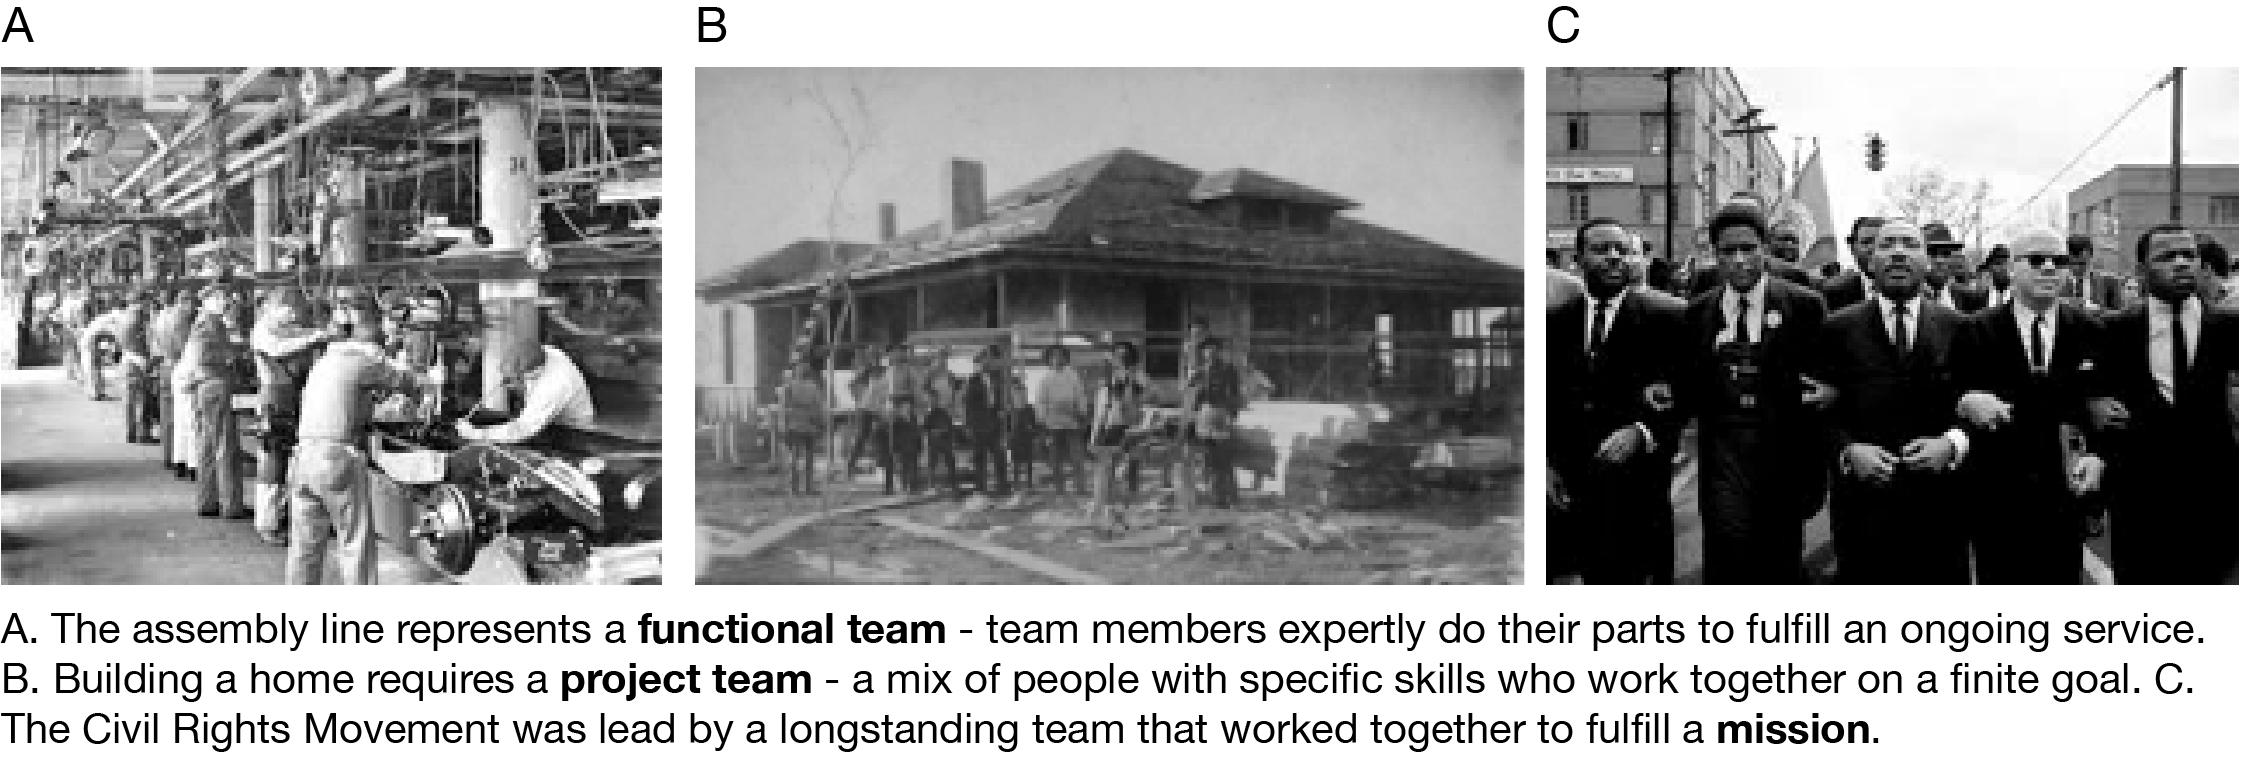 Types of Teams 2-01.png